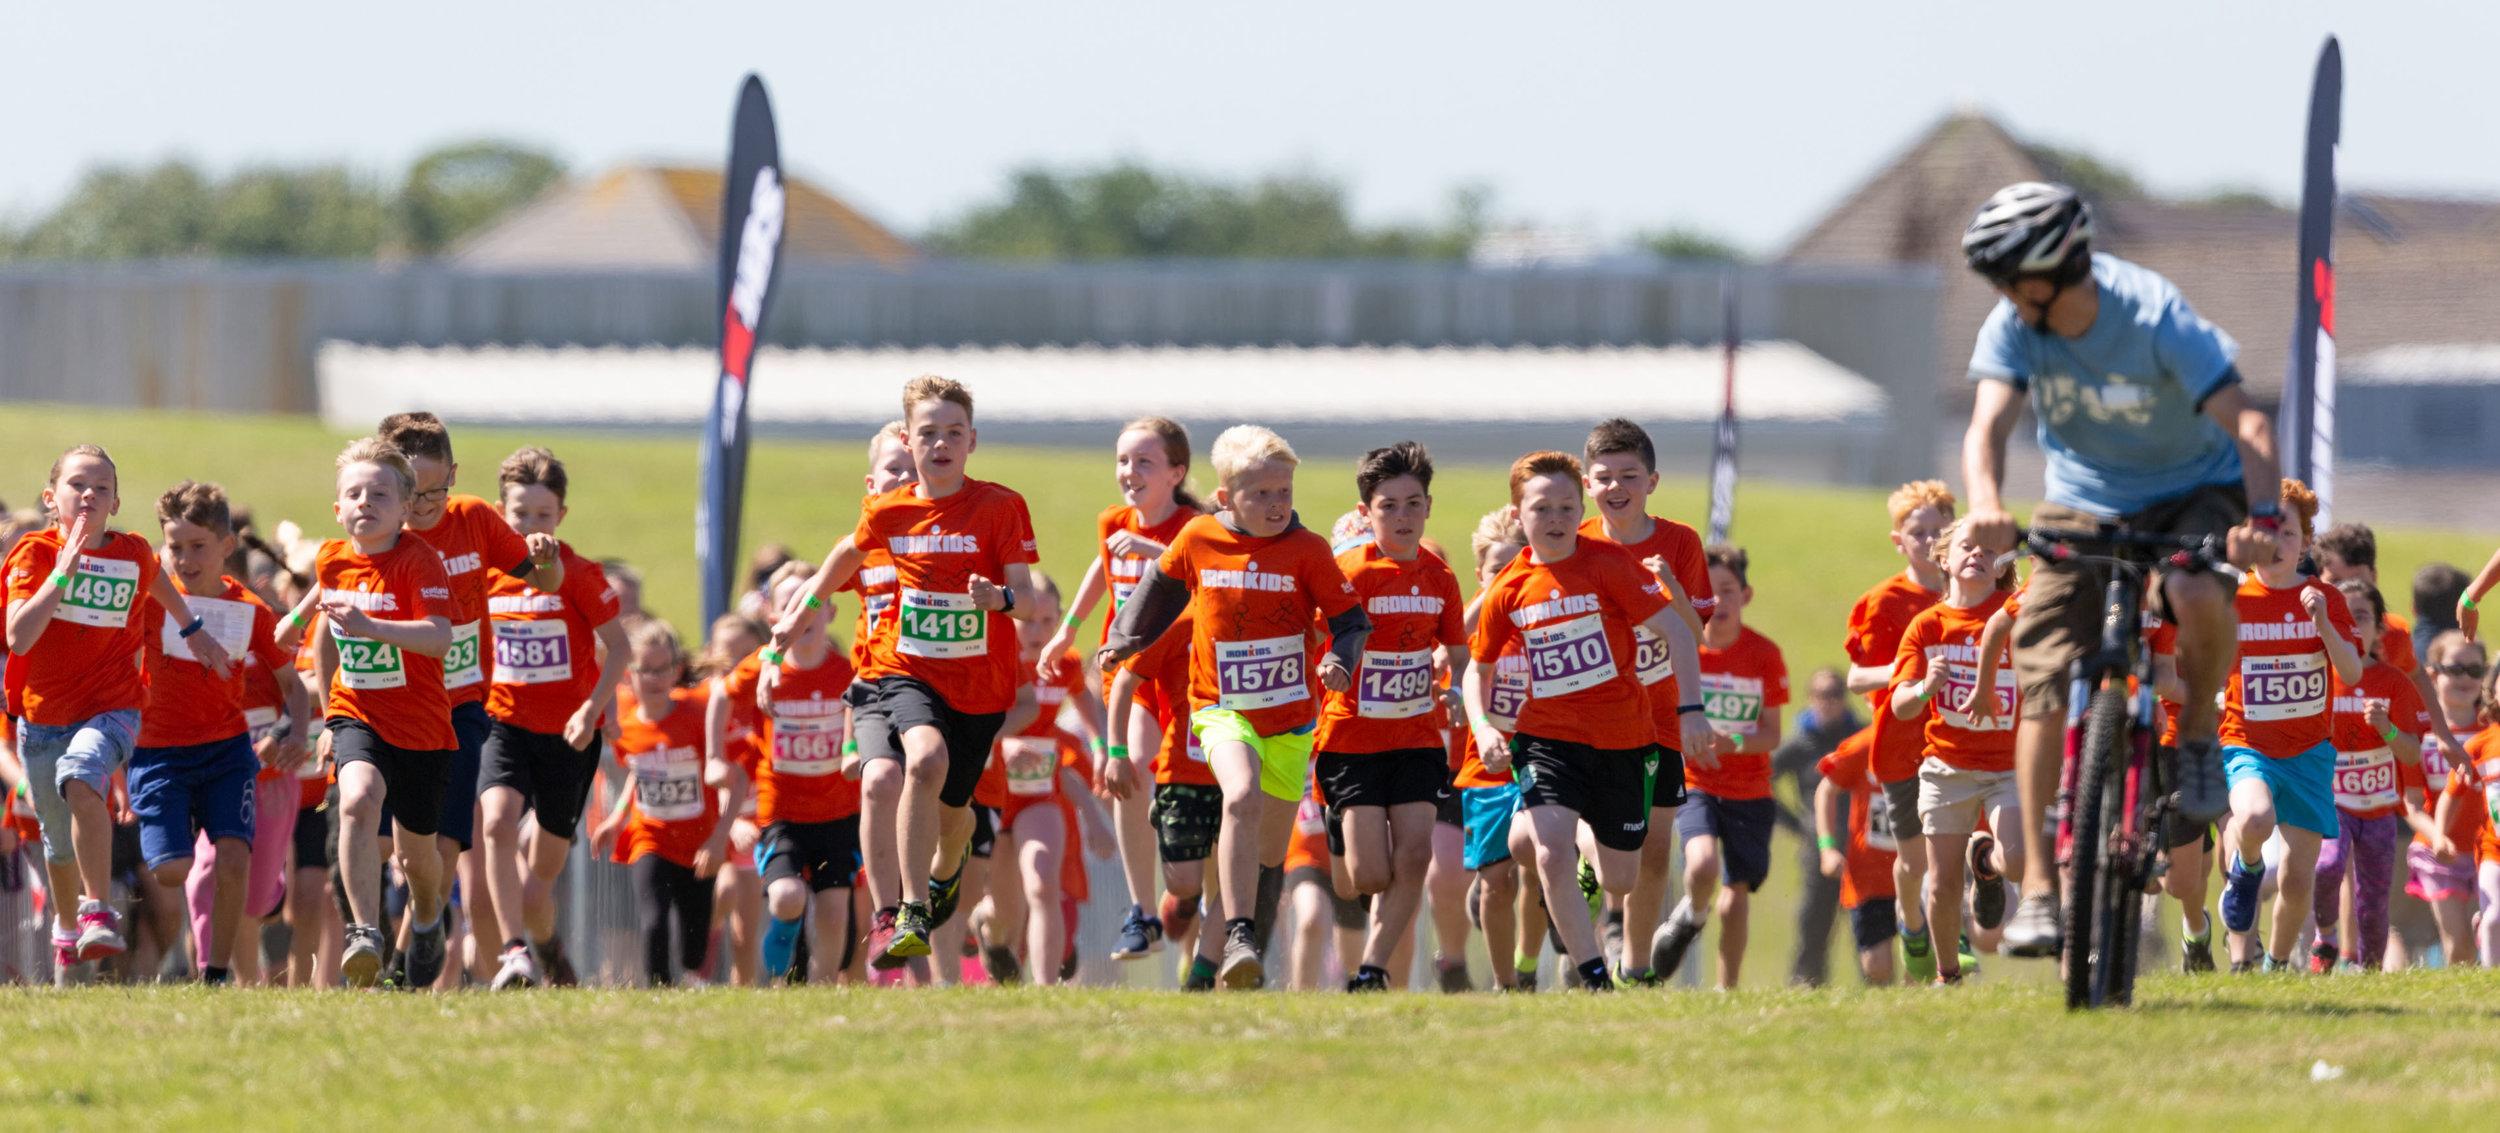 Kids Race.jpg